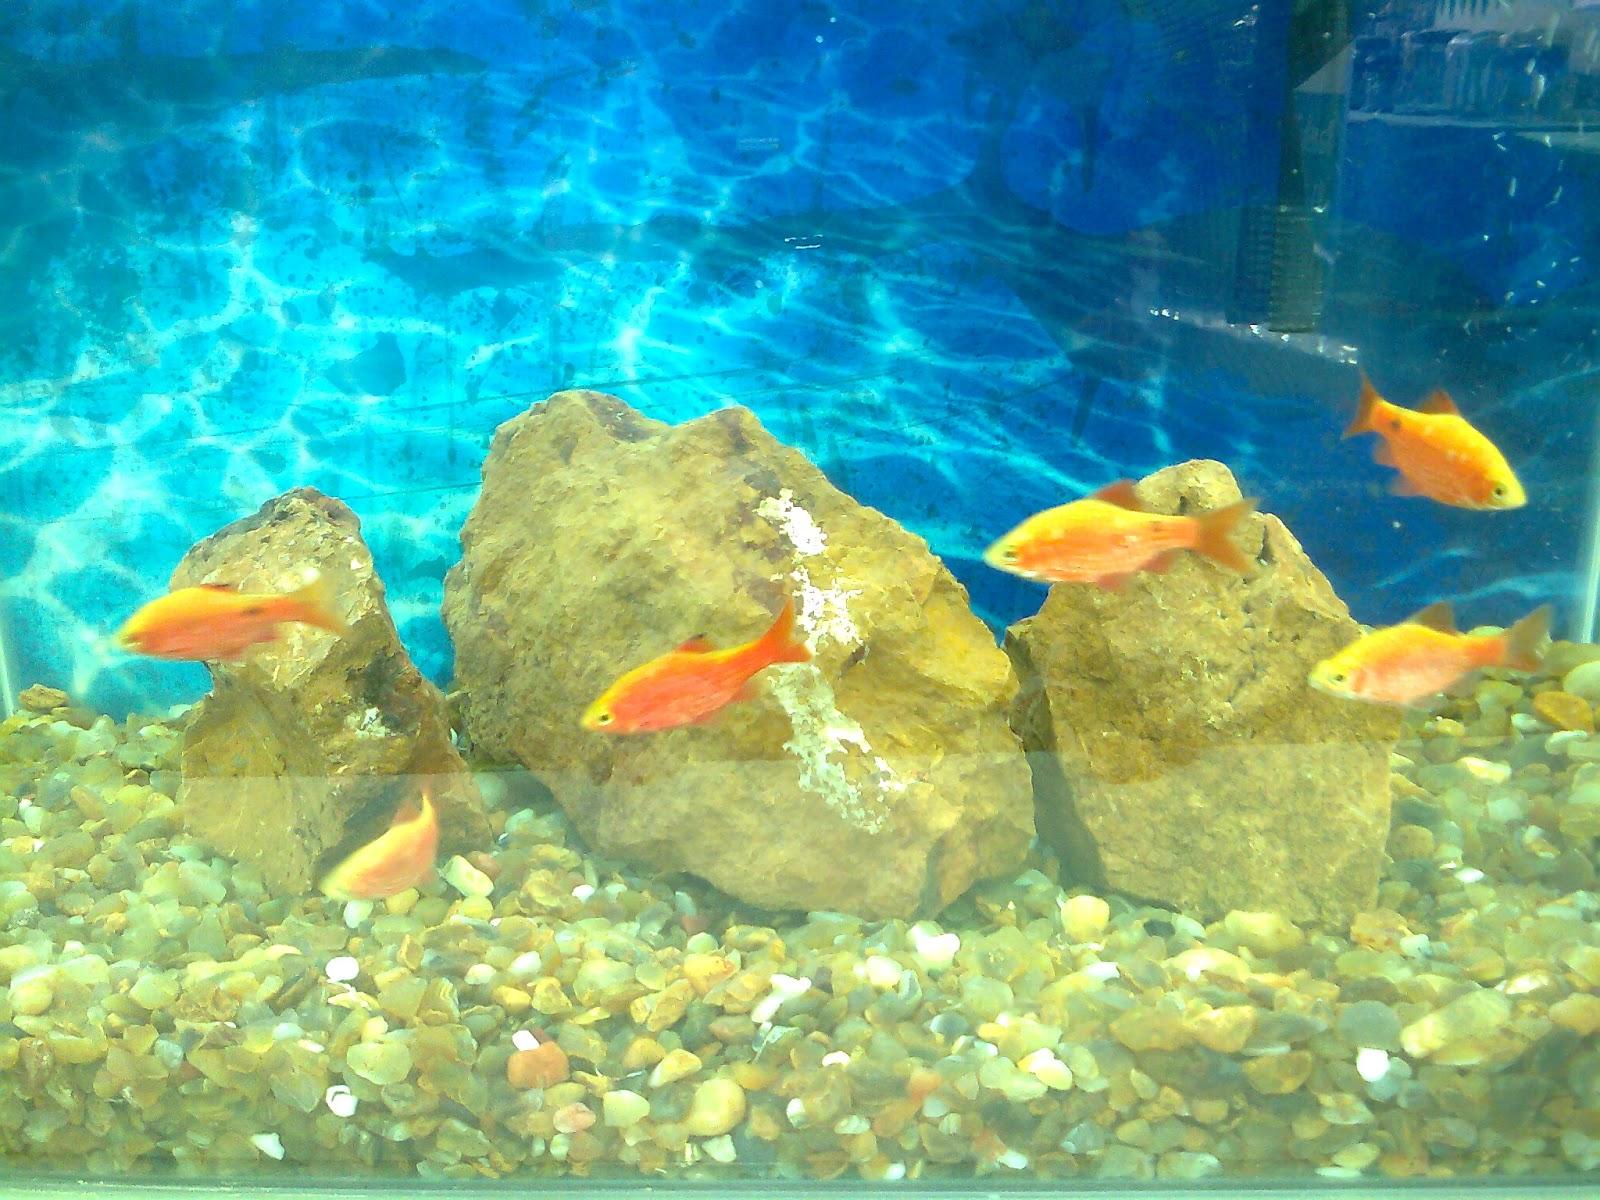 Buy fish for aquarium online bangalore - Aquarium Shop Bangalore